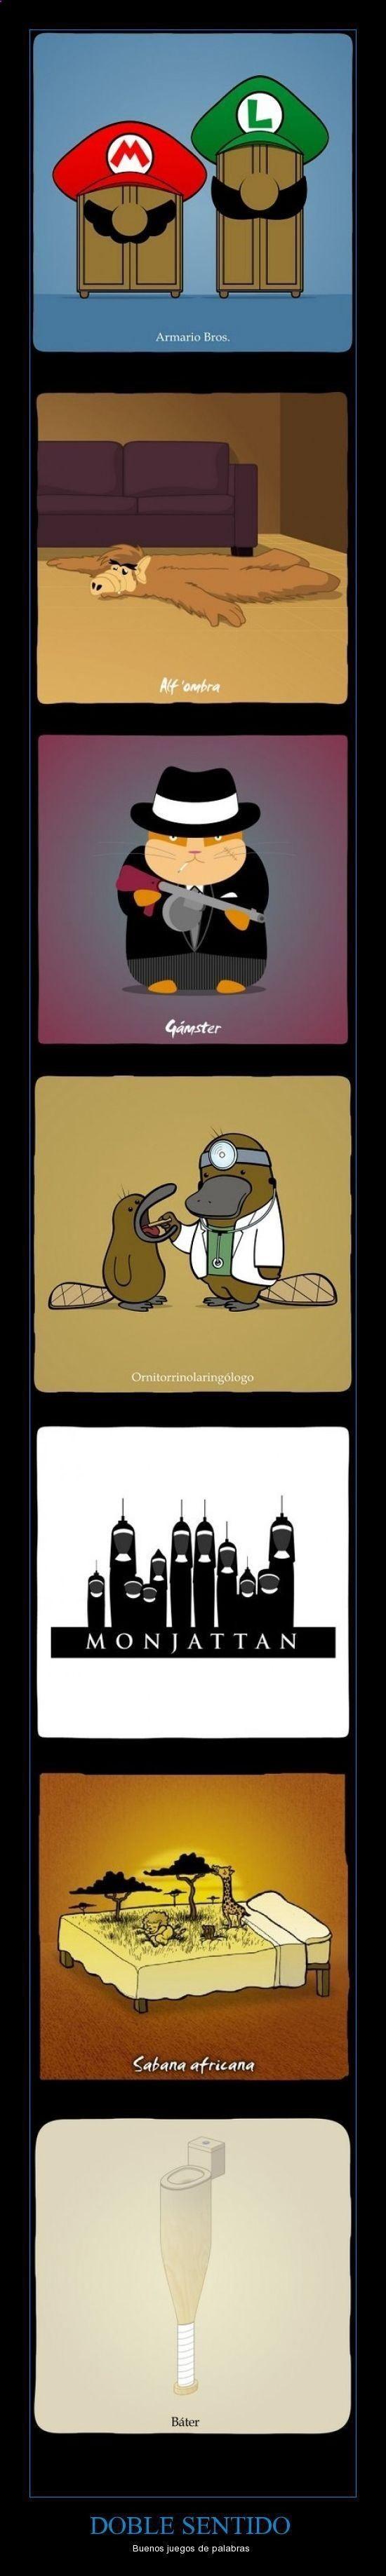 juegos de palabras_doble_sentido ➛➛➛ http://www.diverint.com/memes-chistosos-amor-quieren-demuestran-funeral